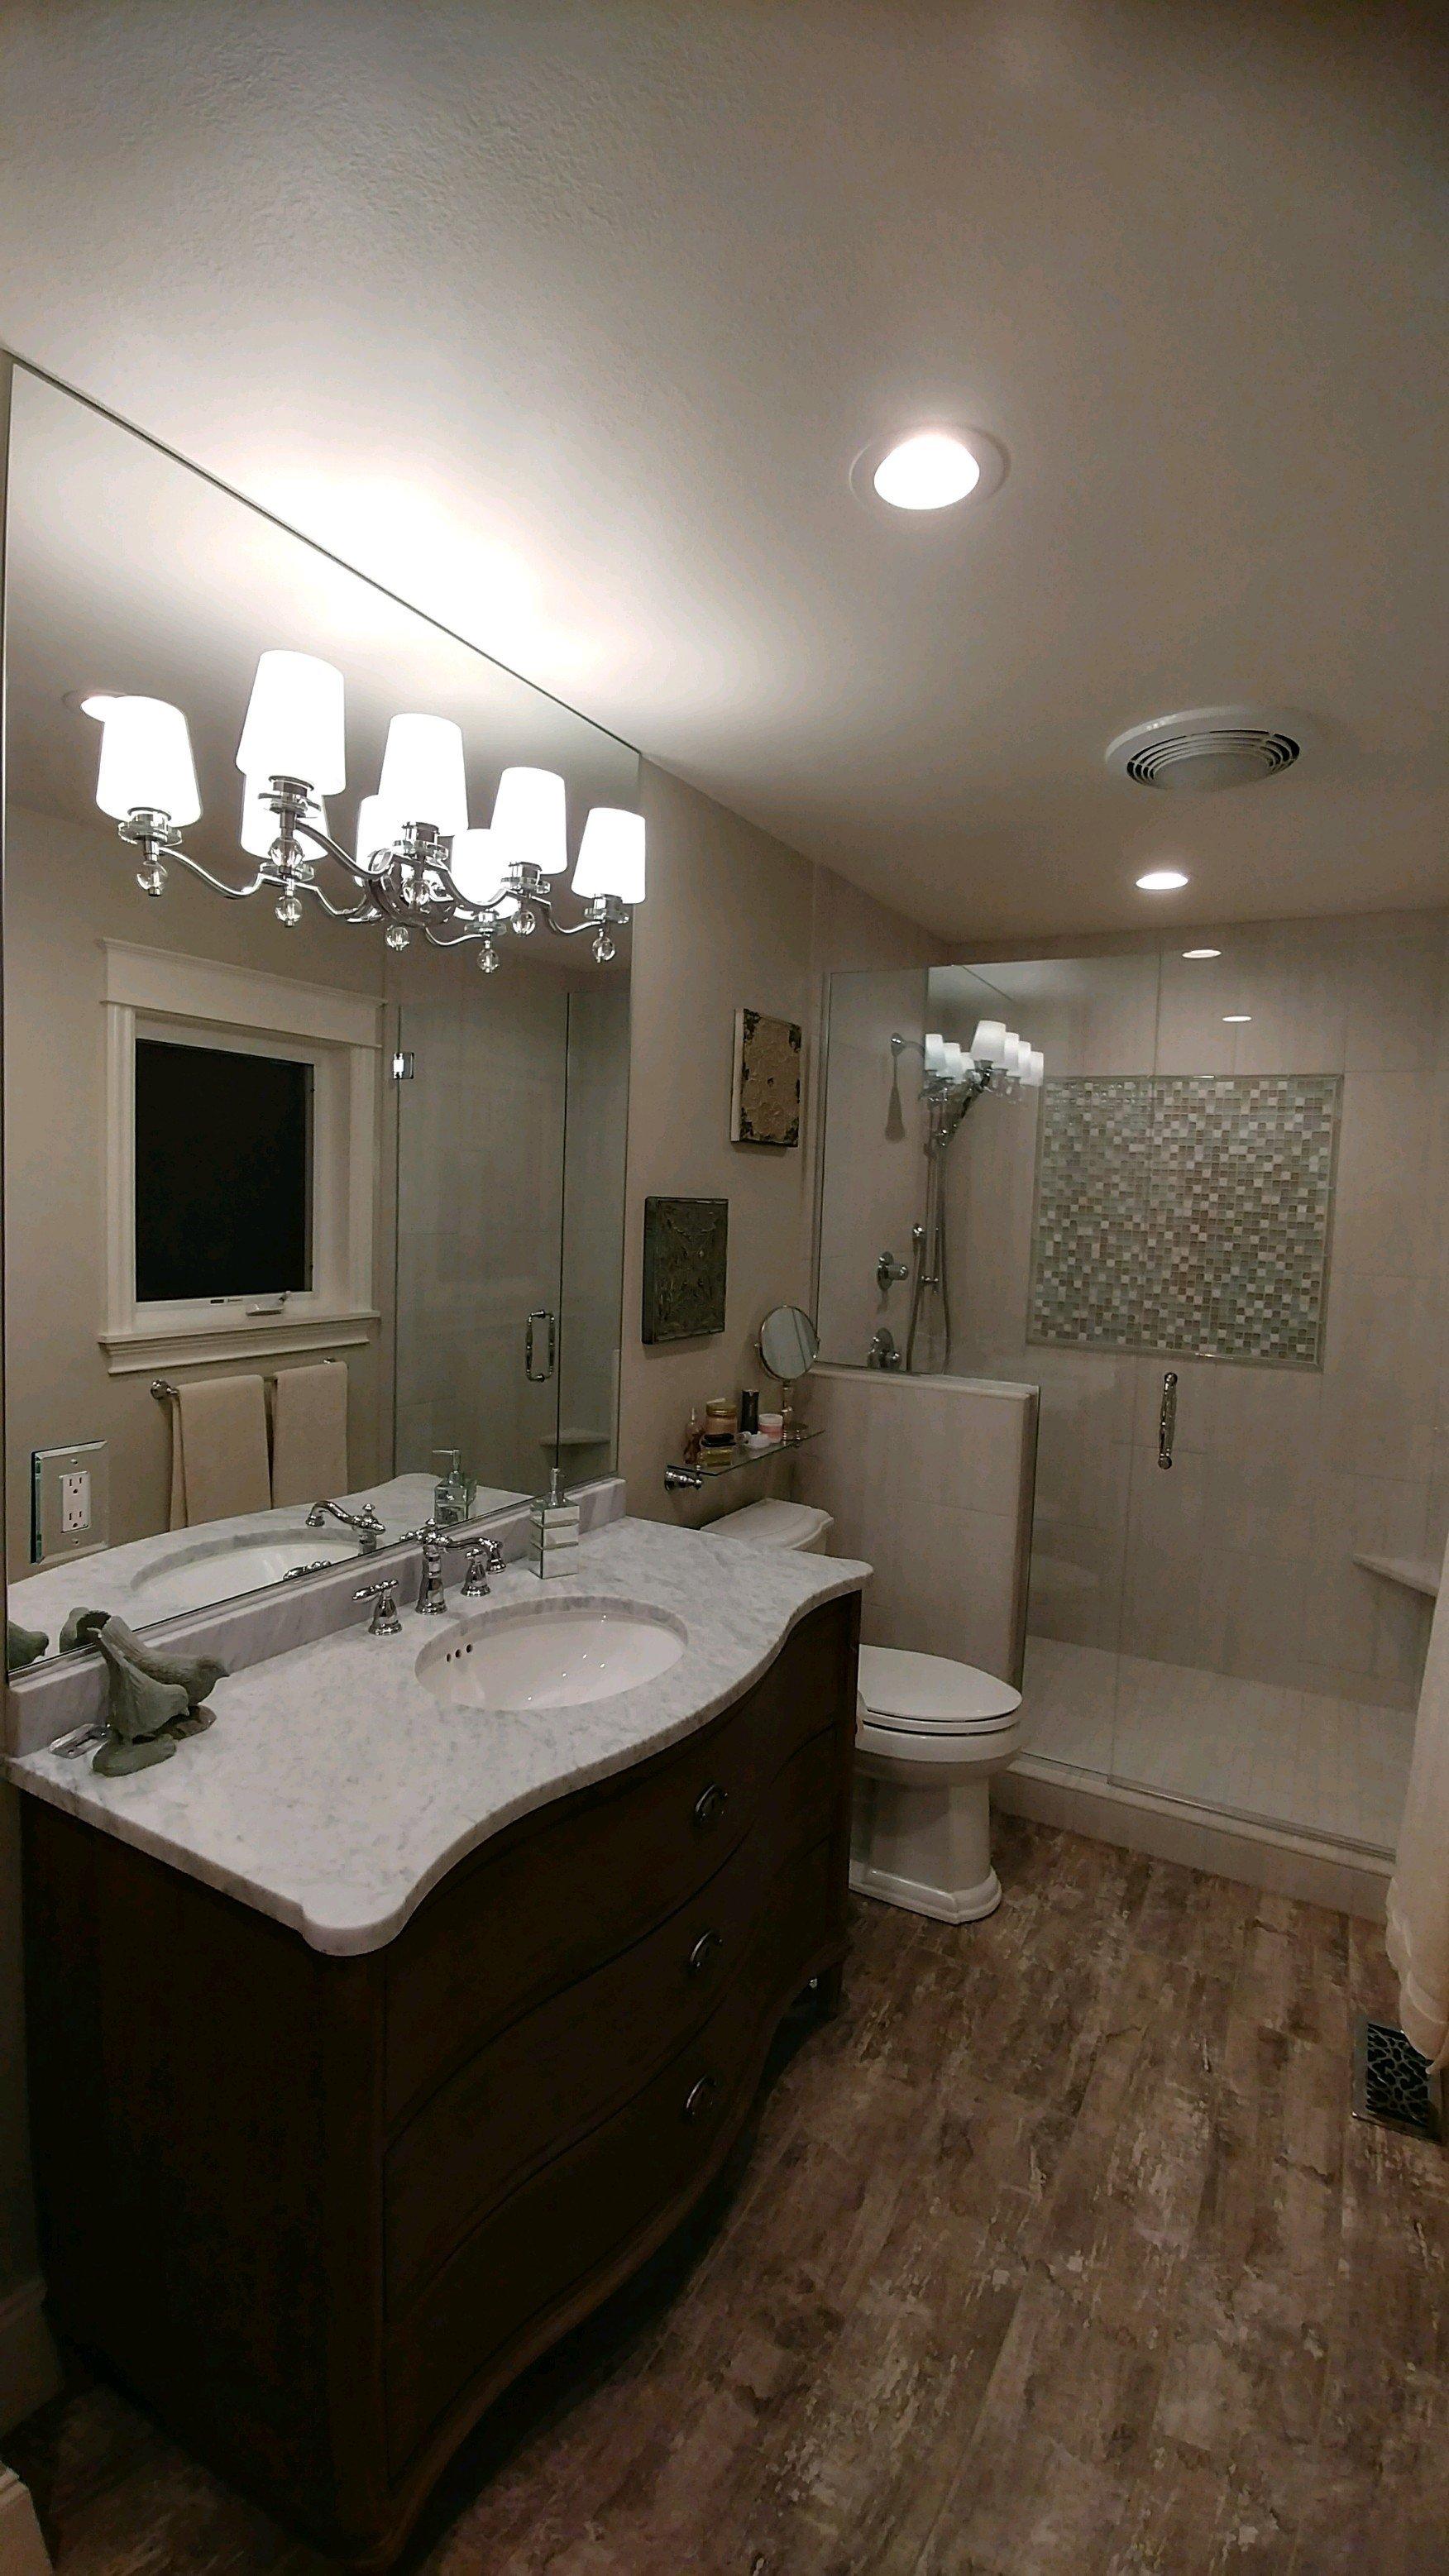 Shower Doors Bathroom Remodeling Prescott AZ - Bathroom remodel prescott az